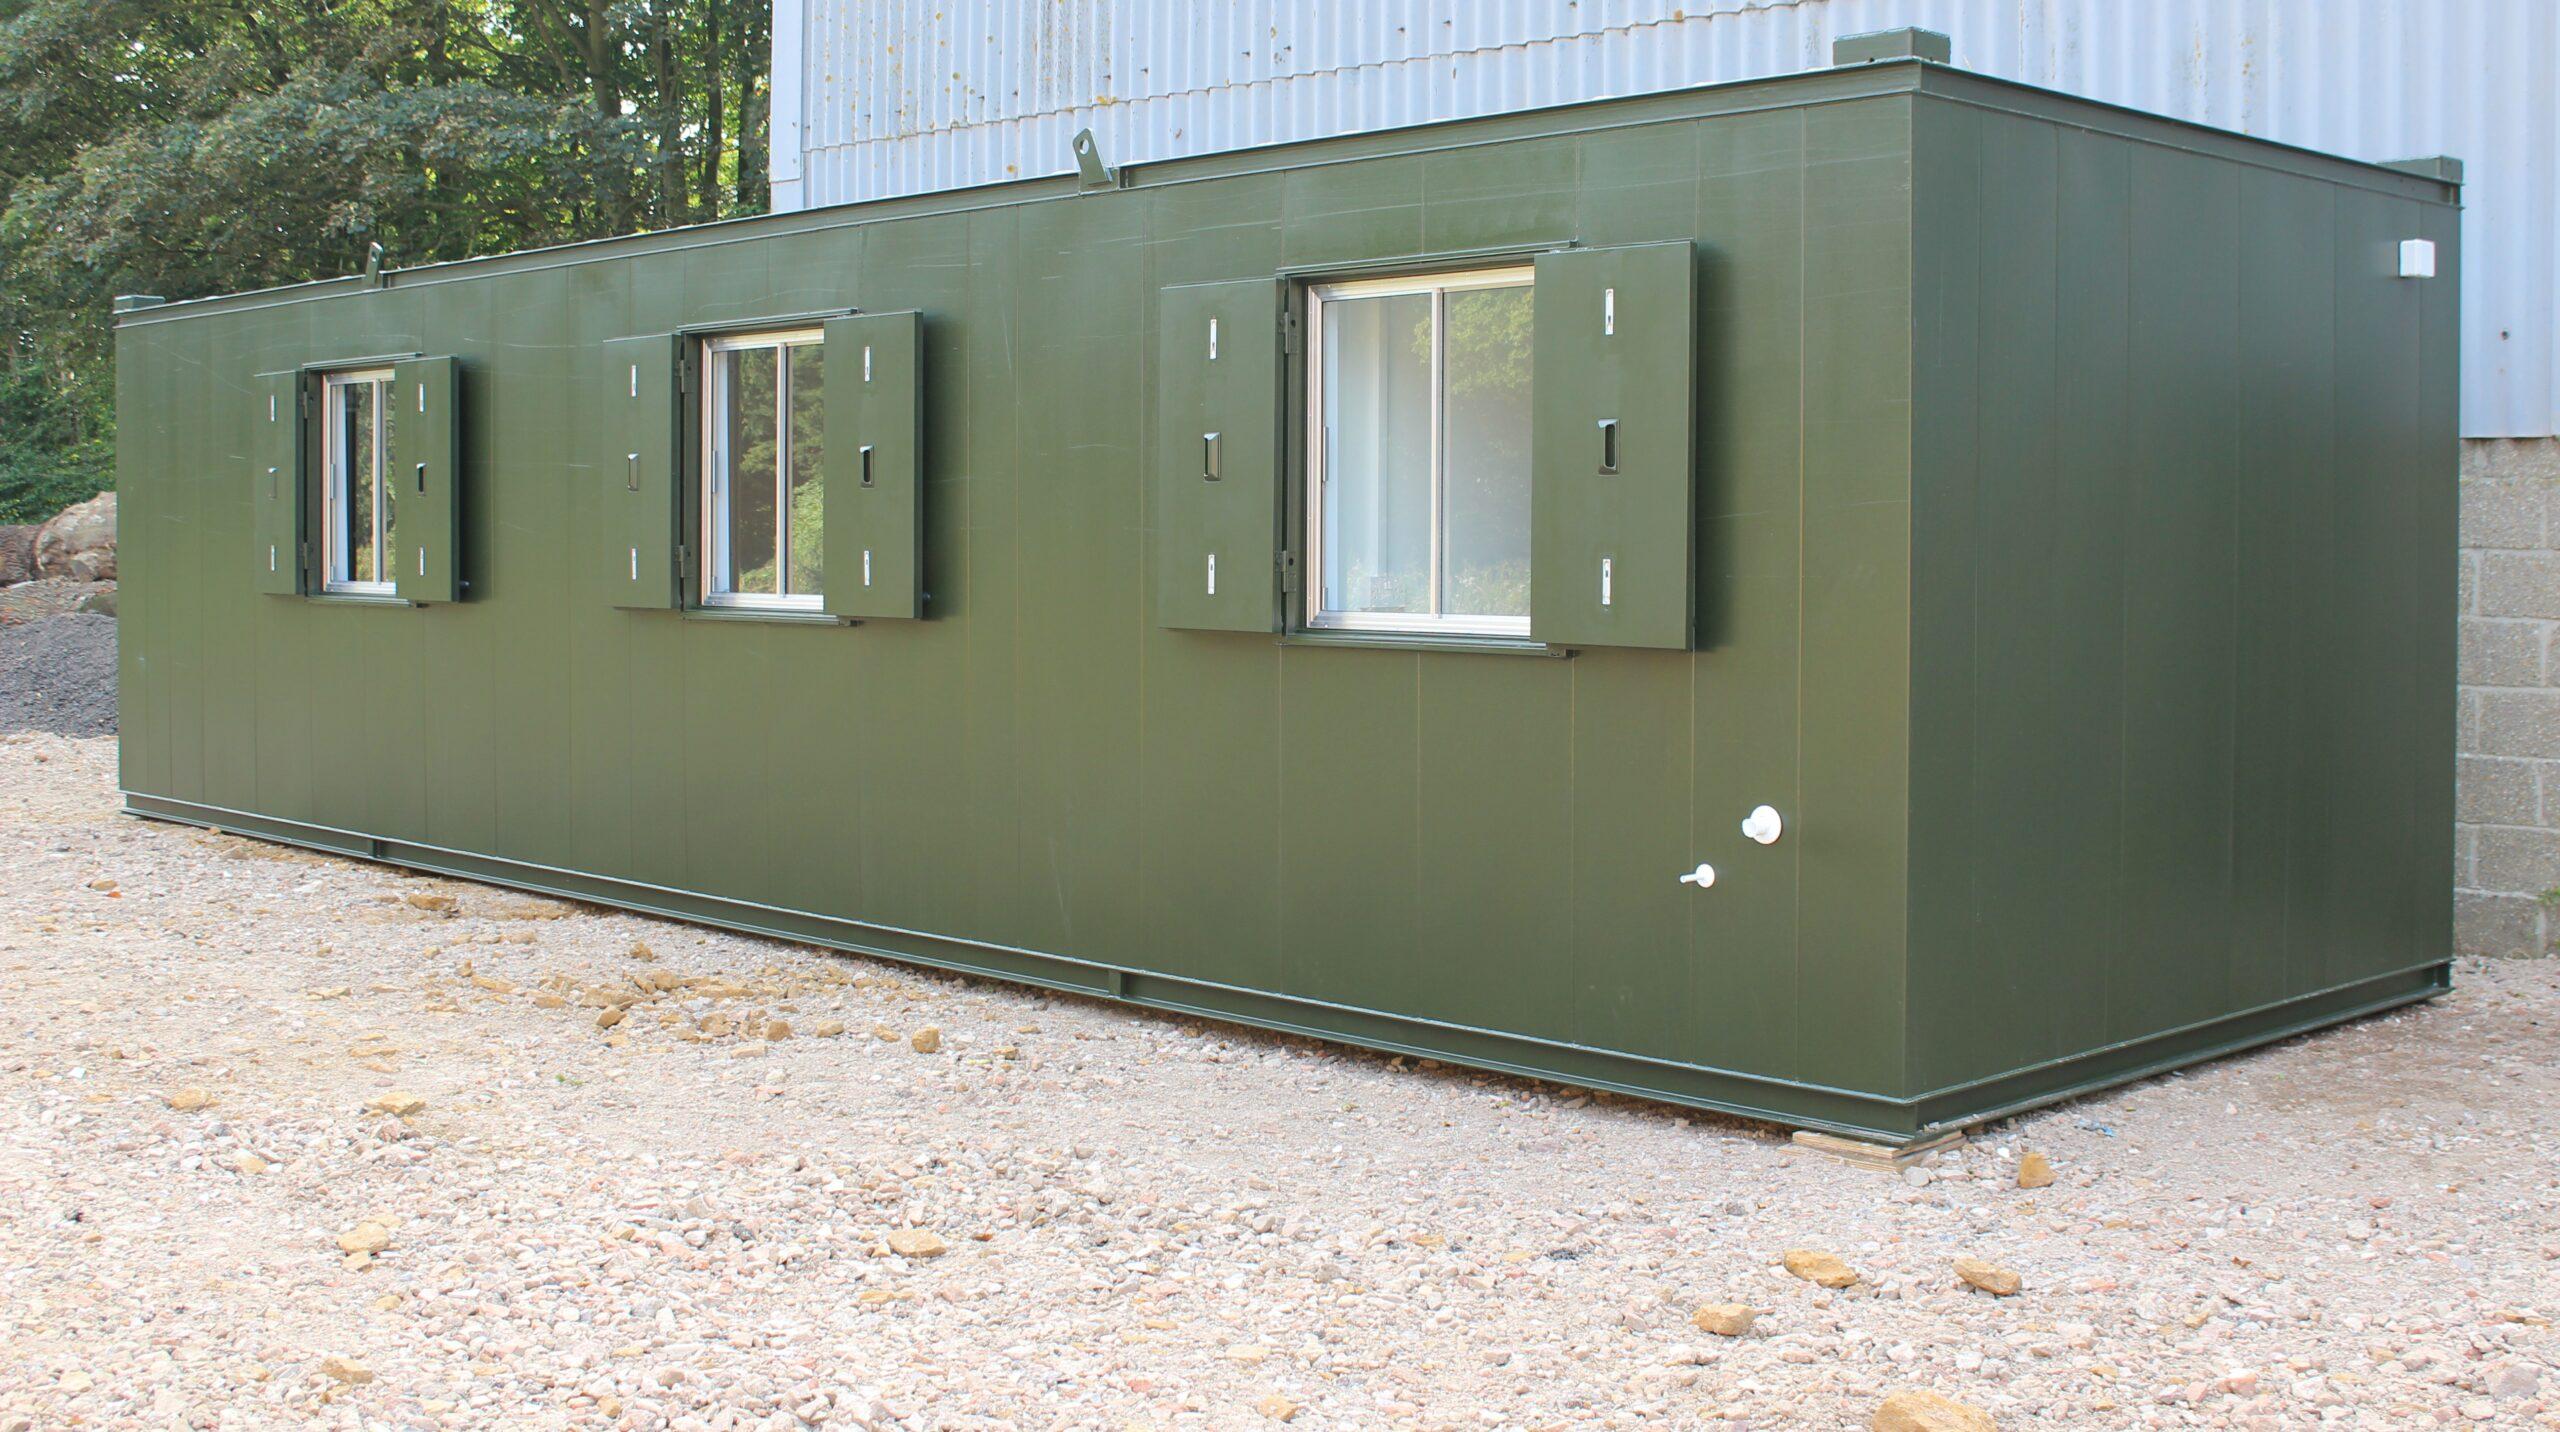 32 x 10 AV Portable Cabin